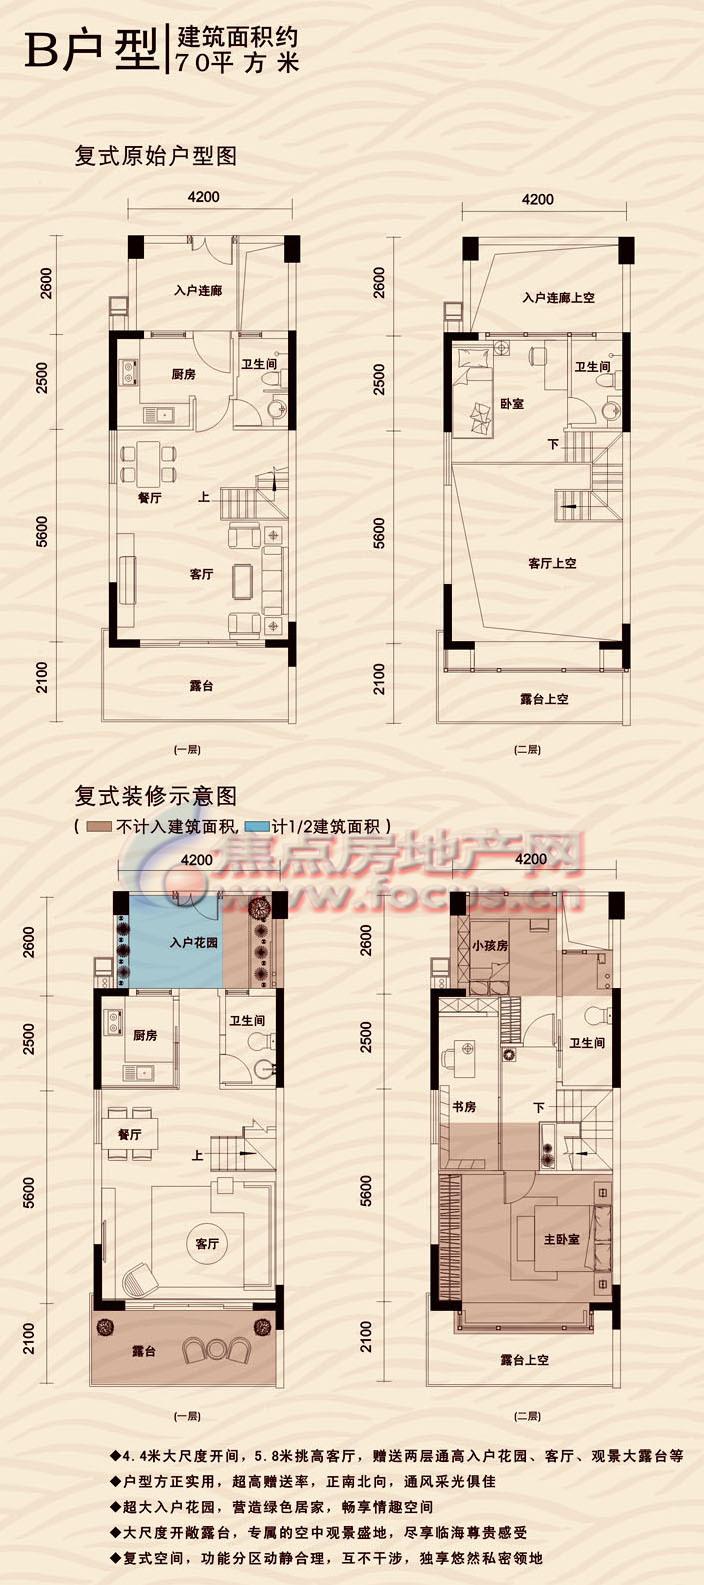 求房屋设计图宽十三米五长十米五,做四屋,一,二层为商铺,三四层为图片